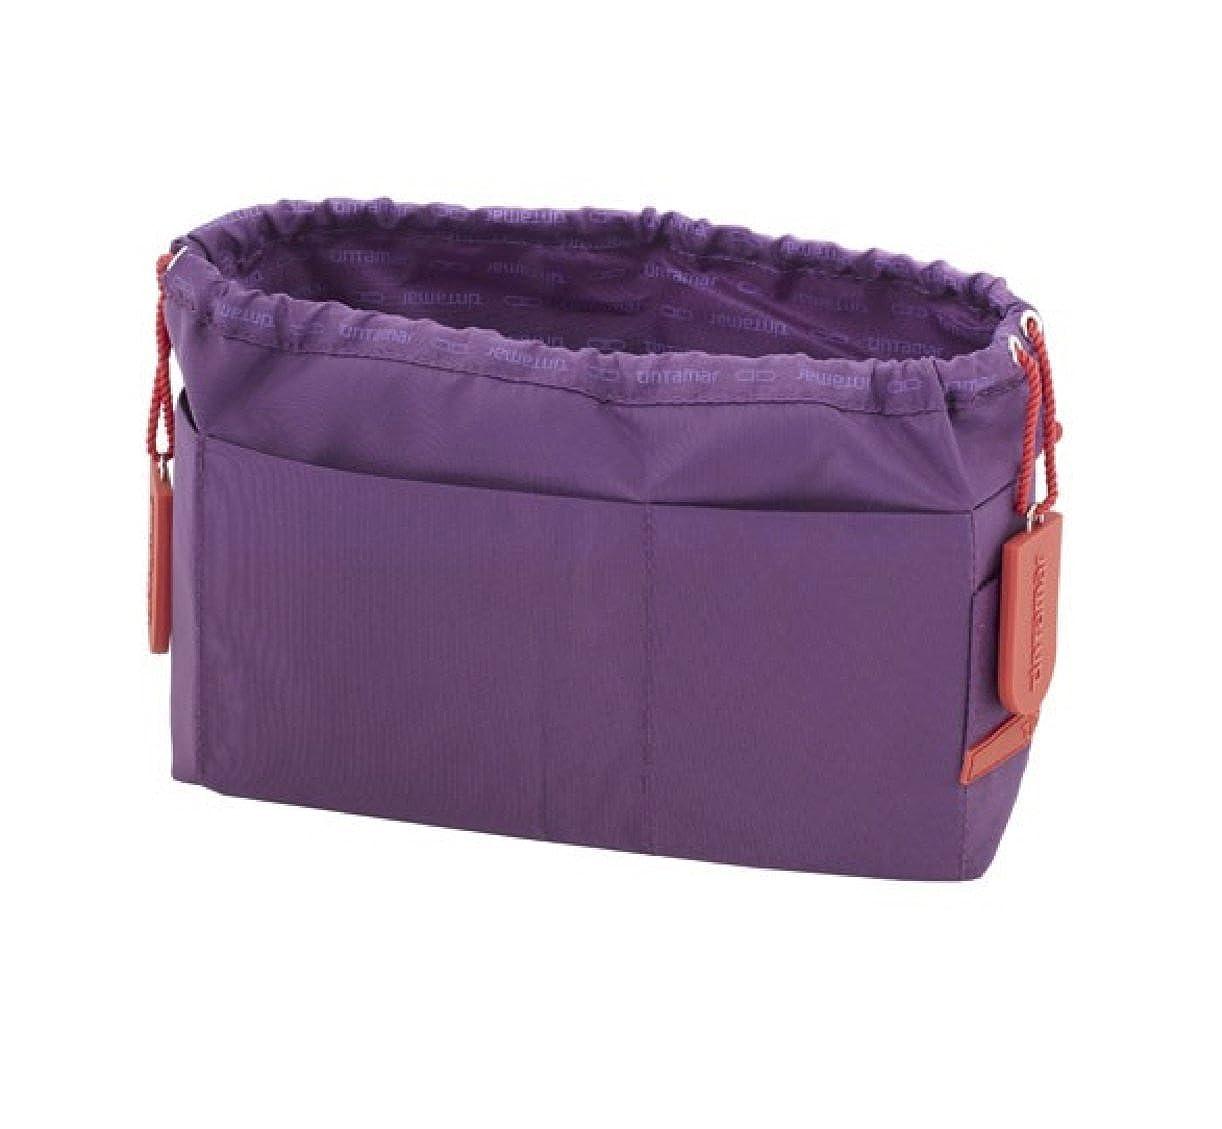 Tintamar - Bolso - Pocket - VIP Two - Purpura - Prune: Amazon.es: Zapatos y complementos